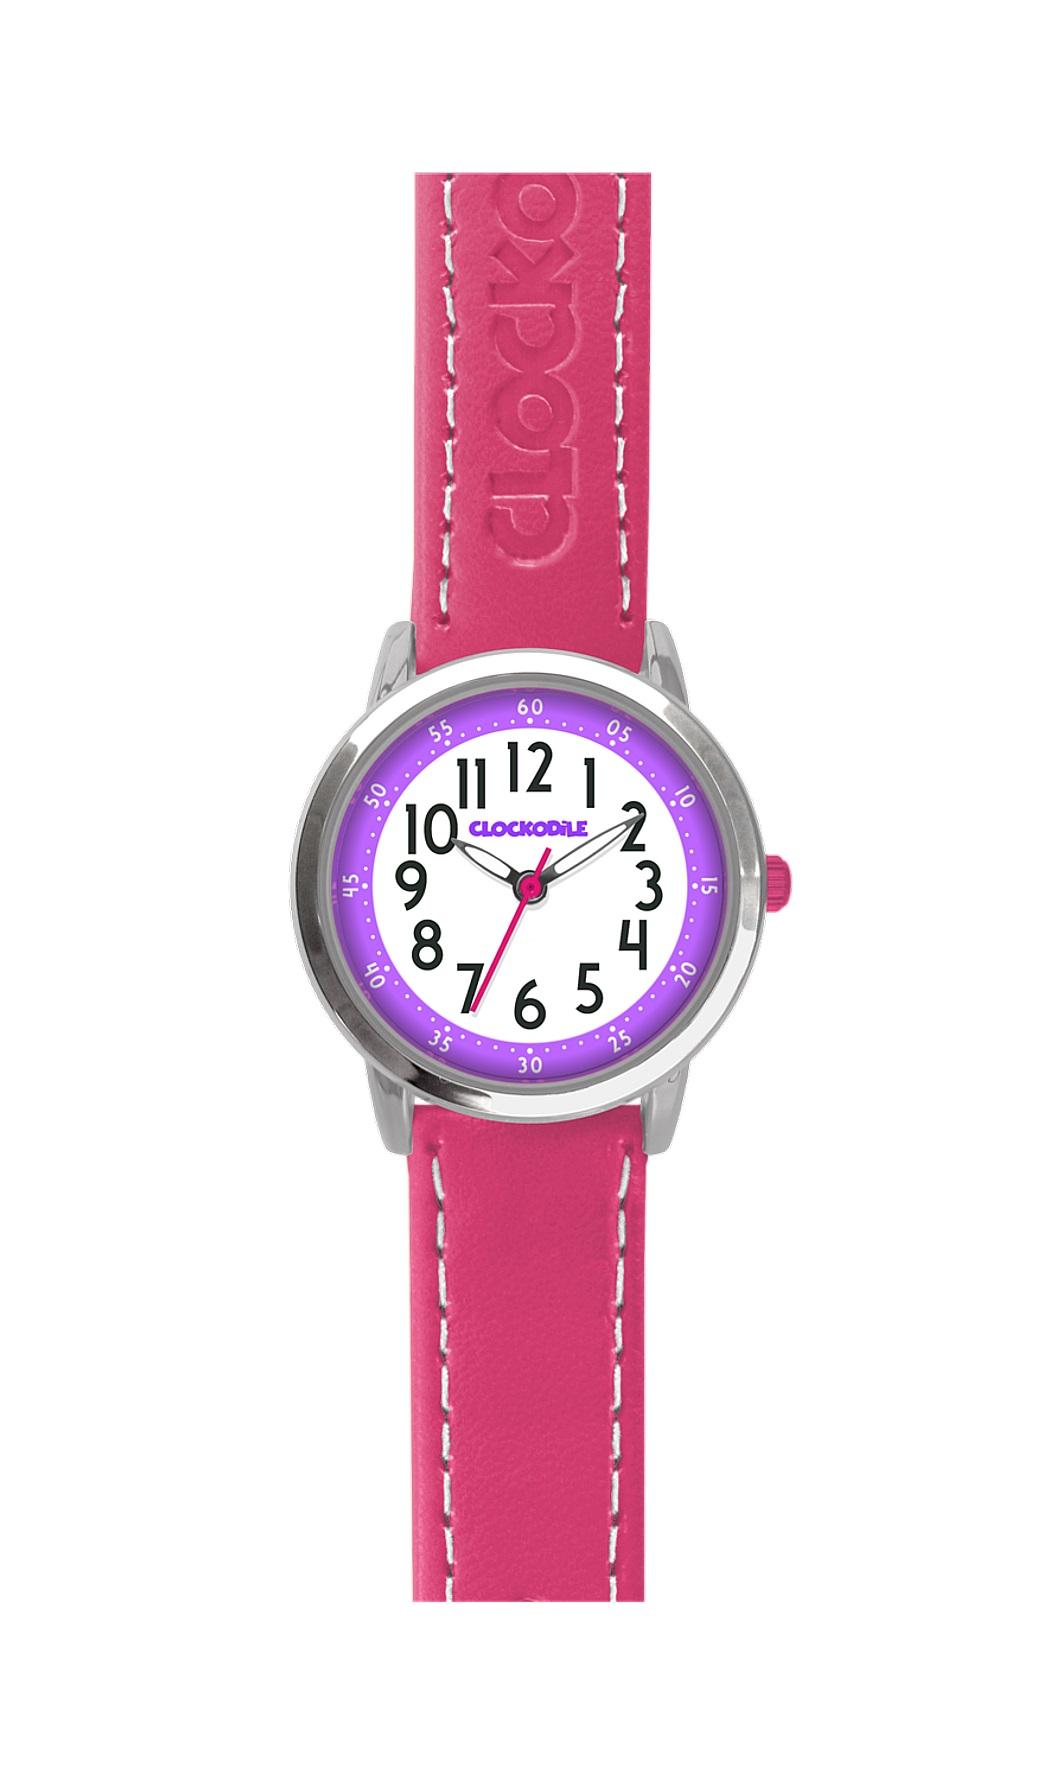 Dětské růžové dívčí hodinky CLOCKODILE COLOUR CWG5010 (CWG5010)